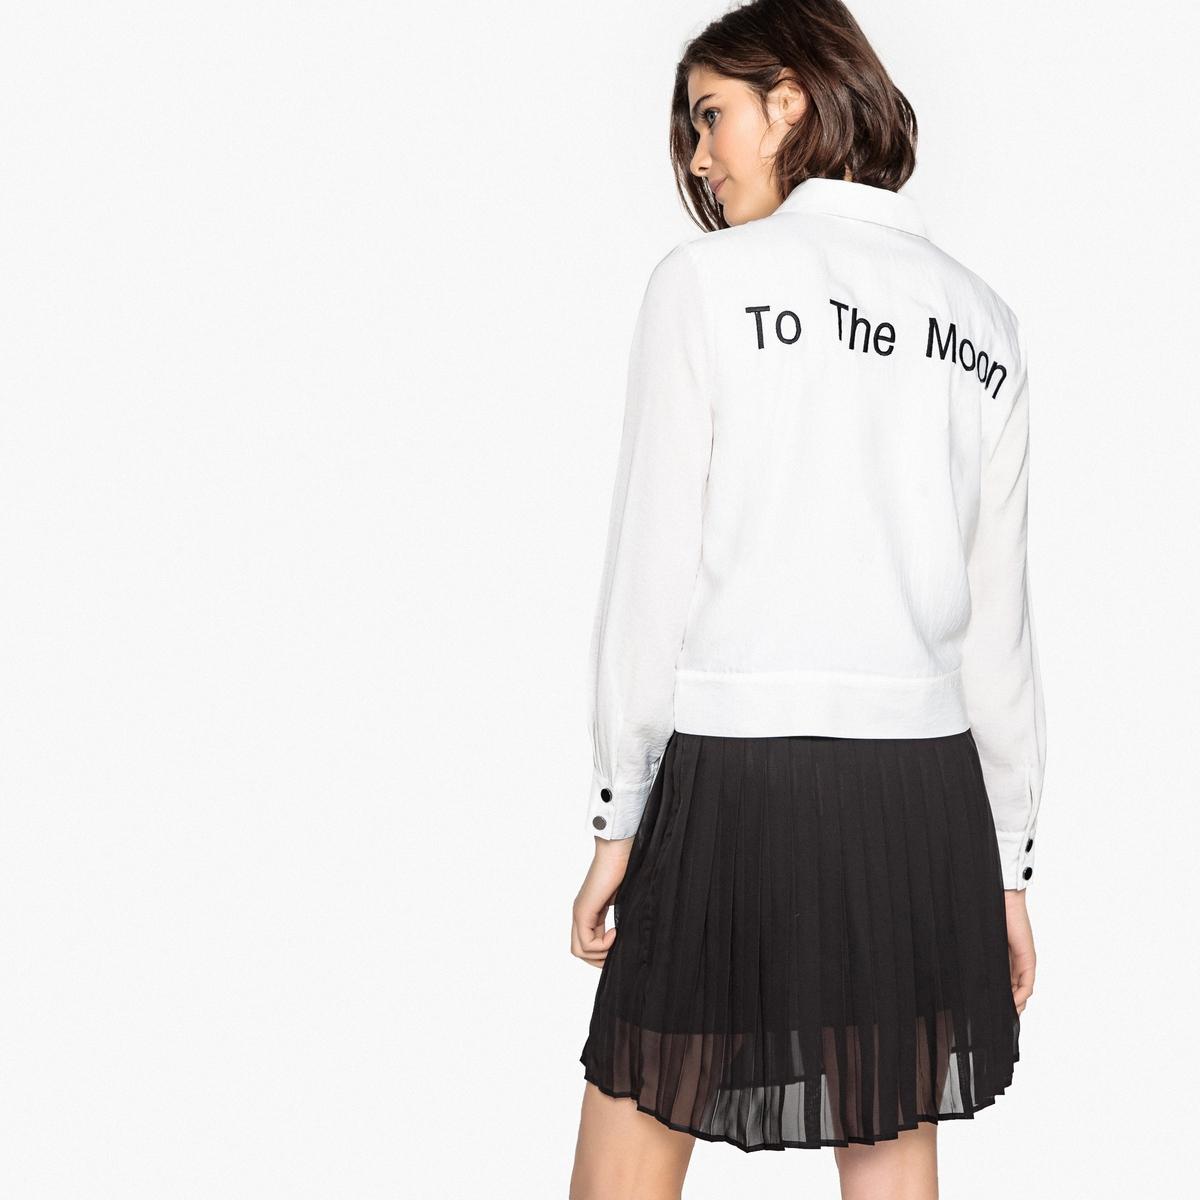 Camisa de mangas compridas, bordado atrás